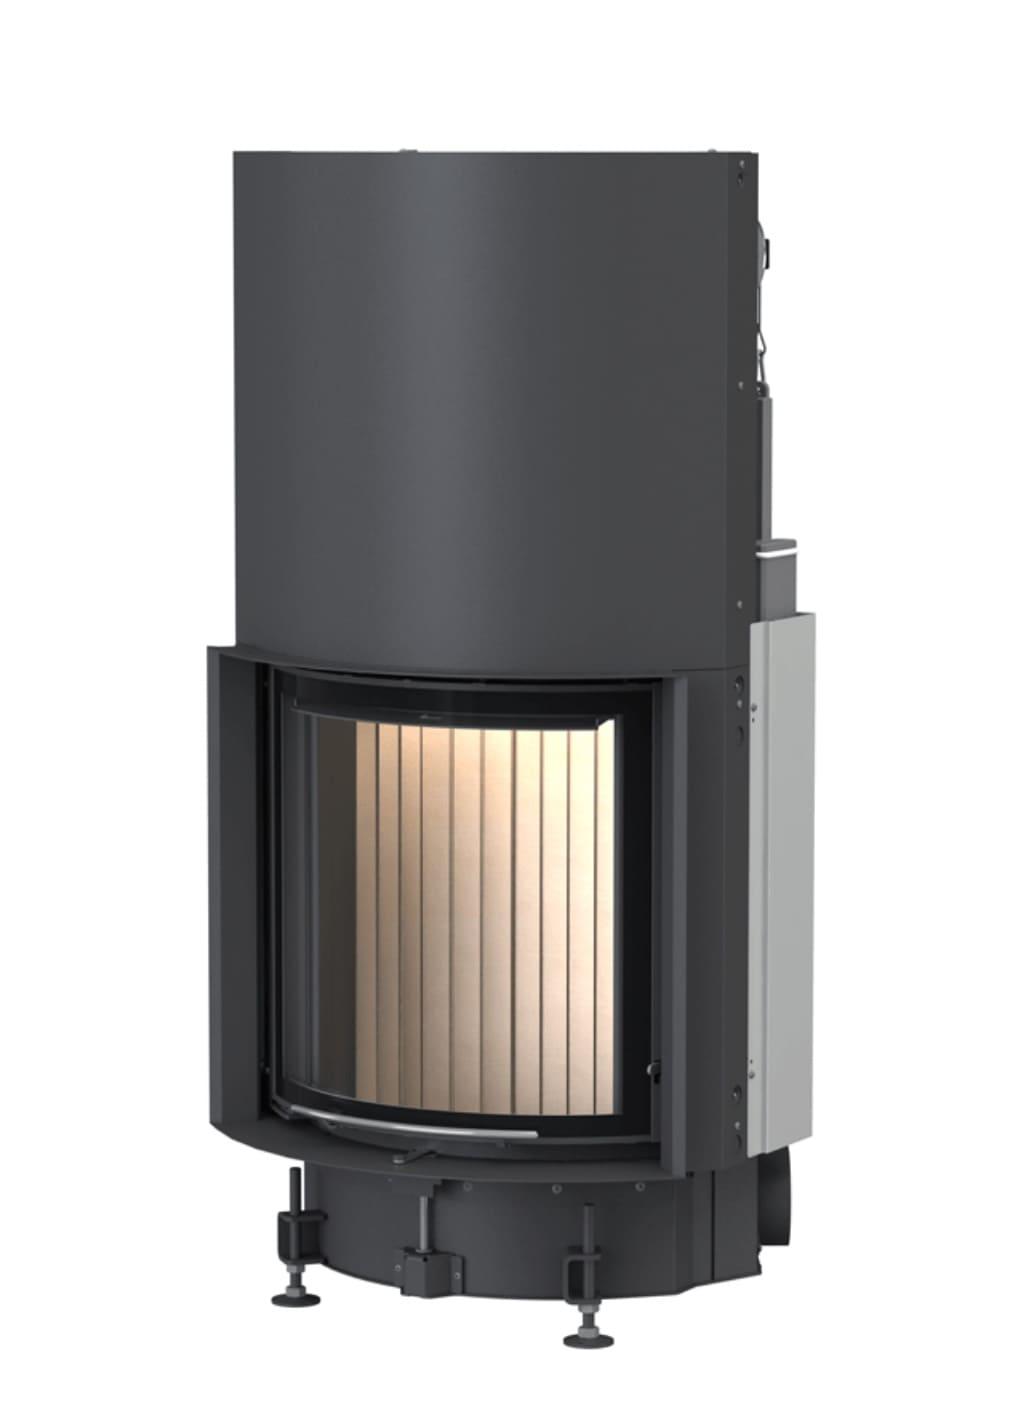 Kompakt-Kamine 57/55 ( с подъемом)